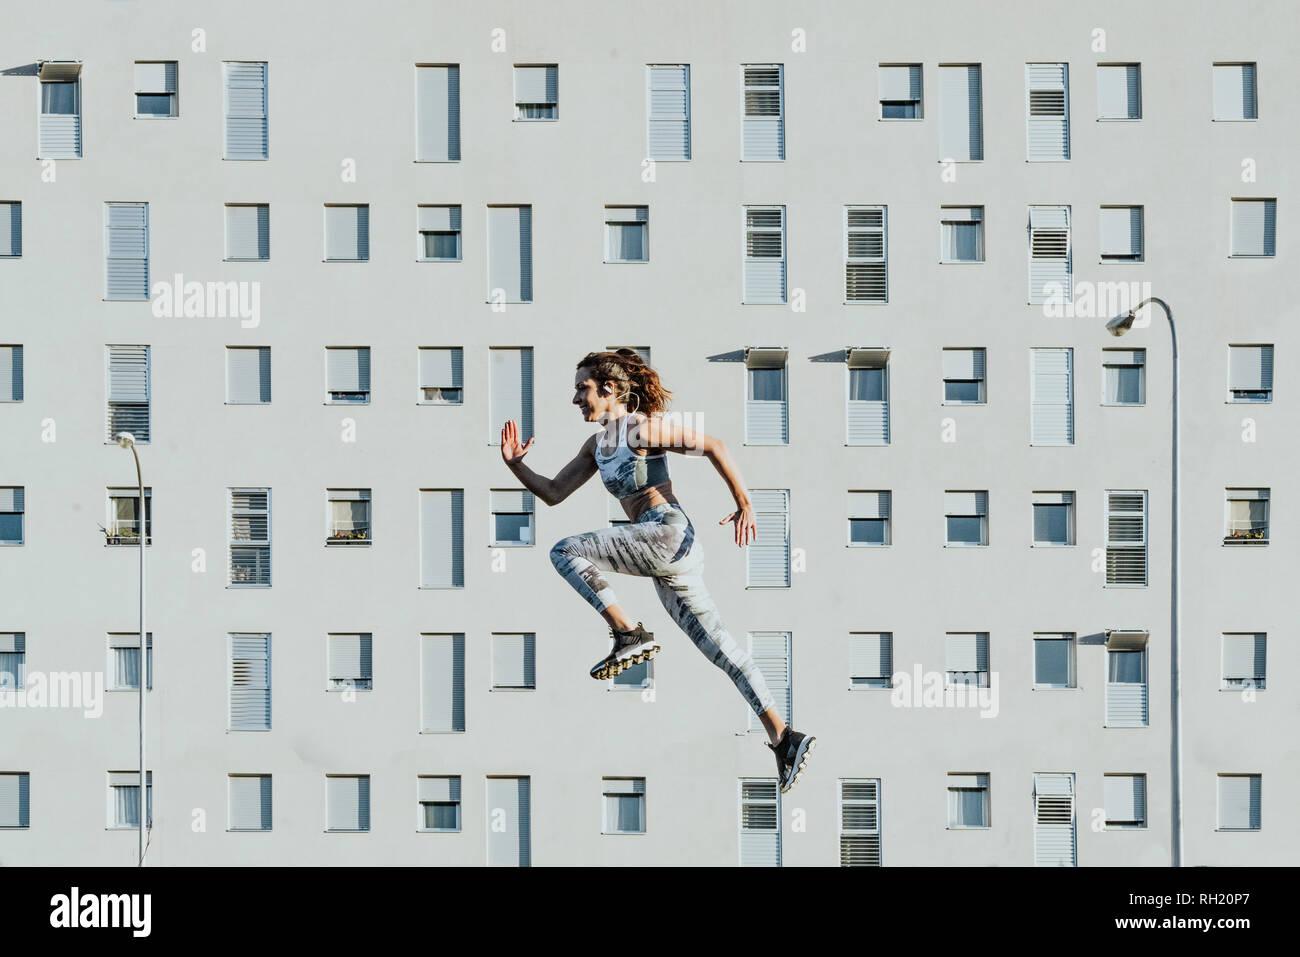 Seitenansicht des sportlich schlanke Dame schwebend in der Nähe von Gebäude bei schönem Wetter Stockbild